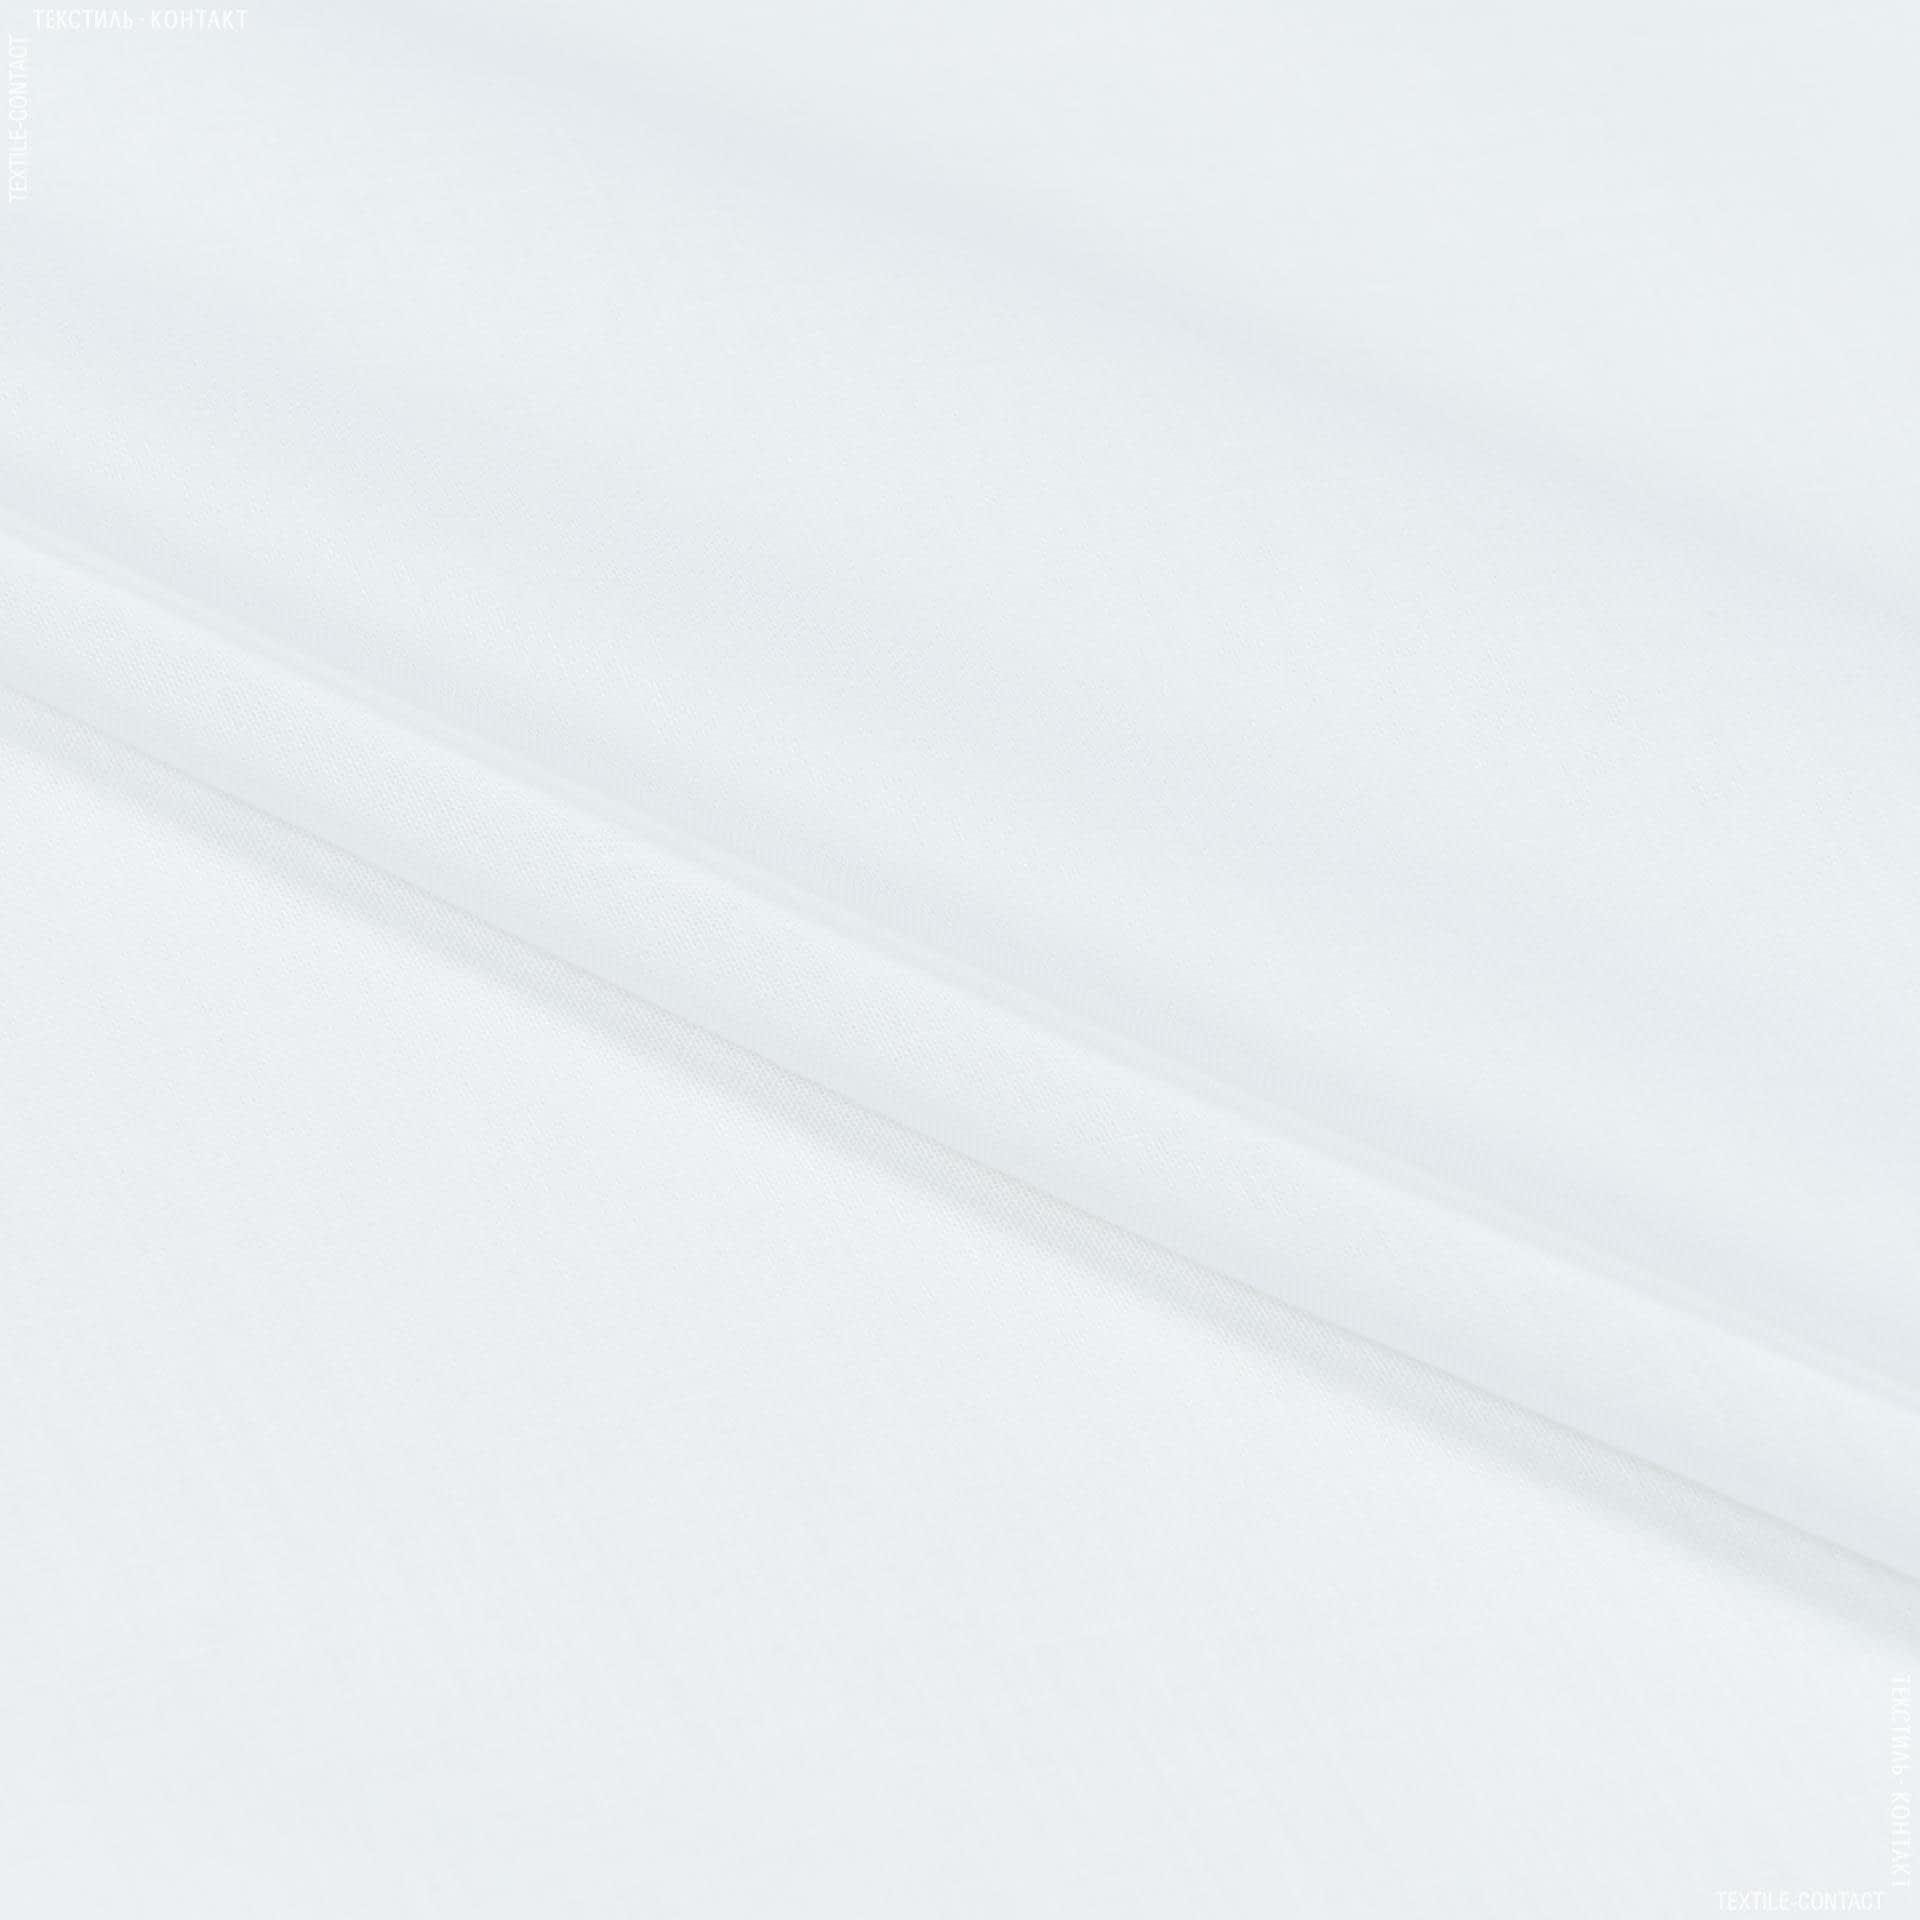 Тканини для драпірування стін і стель - Тюль  батист  люсент/lucent  молочний